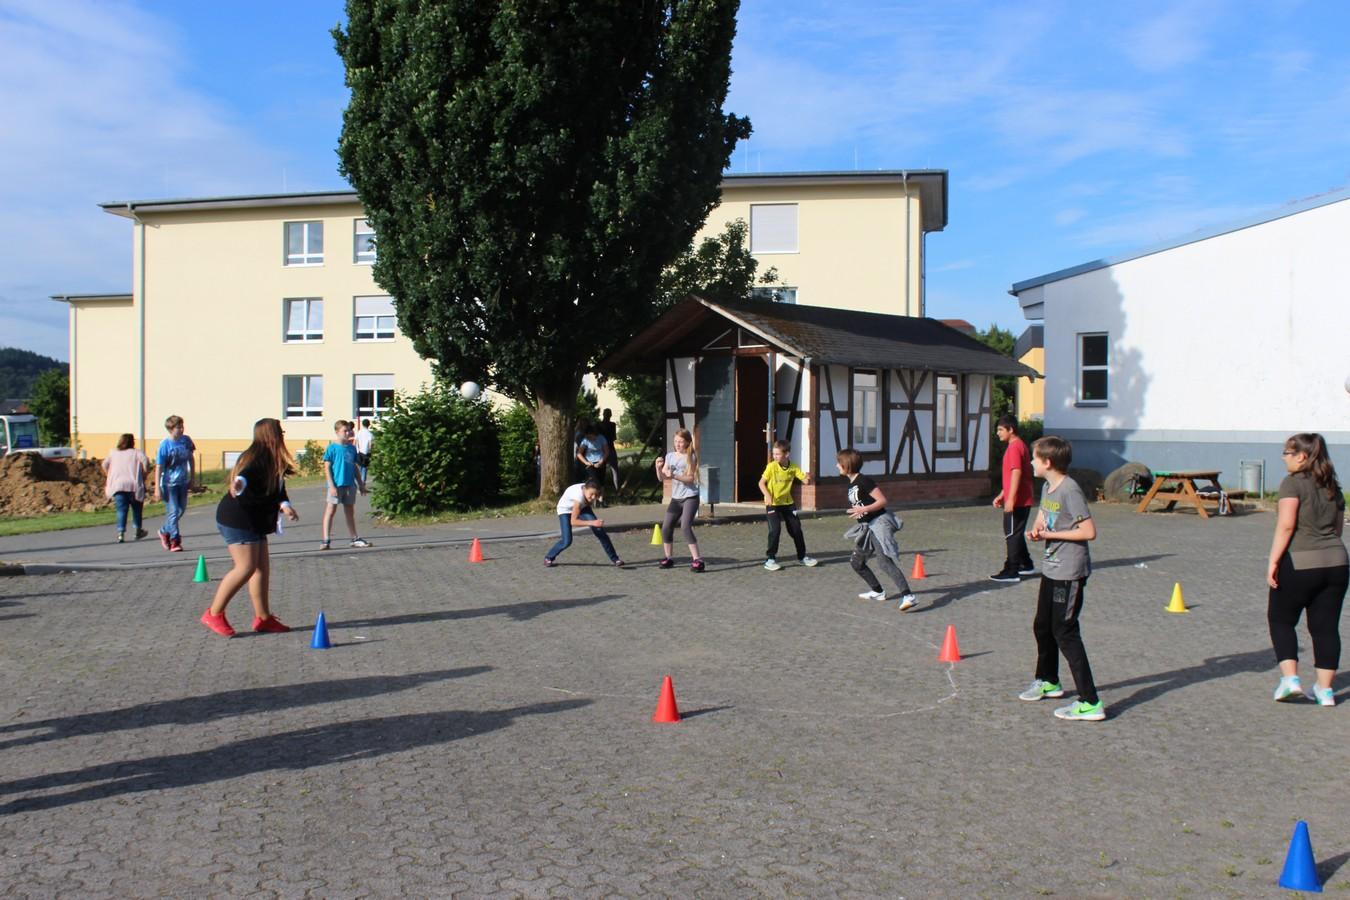 Spiel und Spaß auf dem Schulhof ...